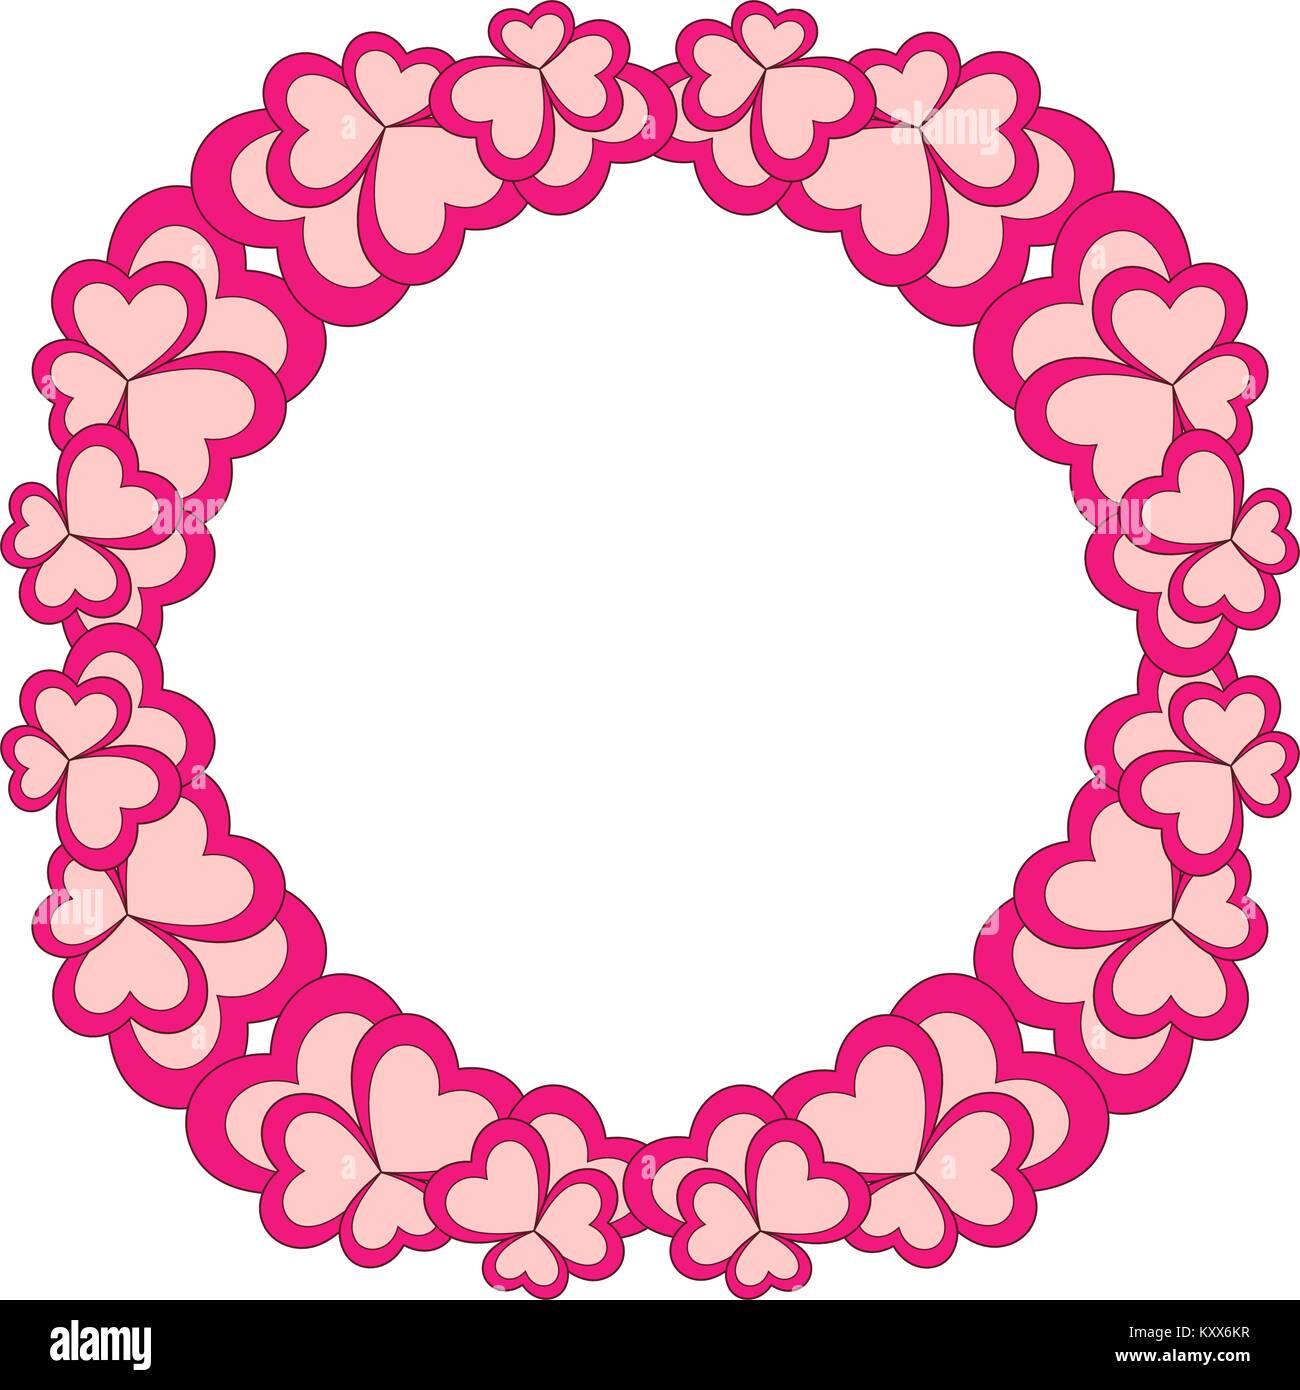 Blume bunten Rahmen Kranz für Valentinstag Karte Vektor Abbildung ...